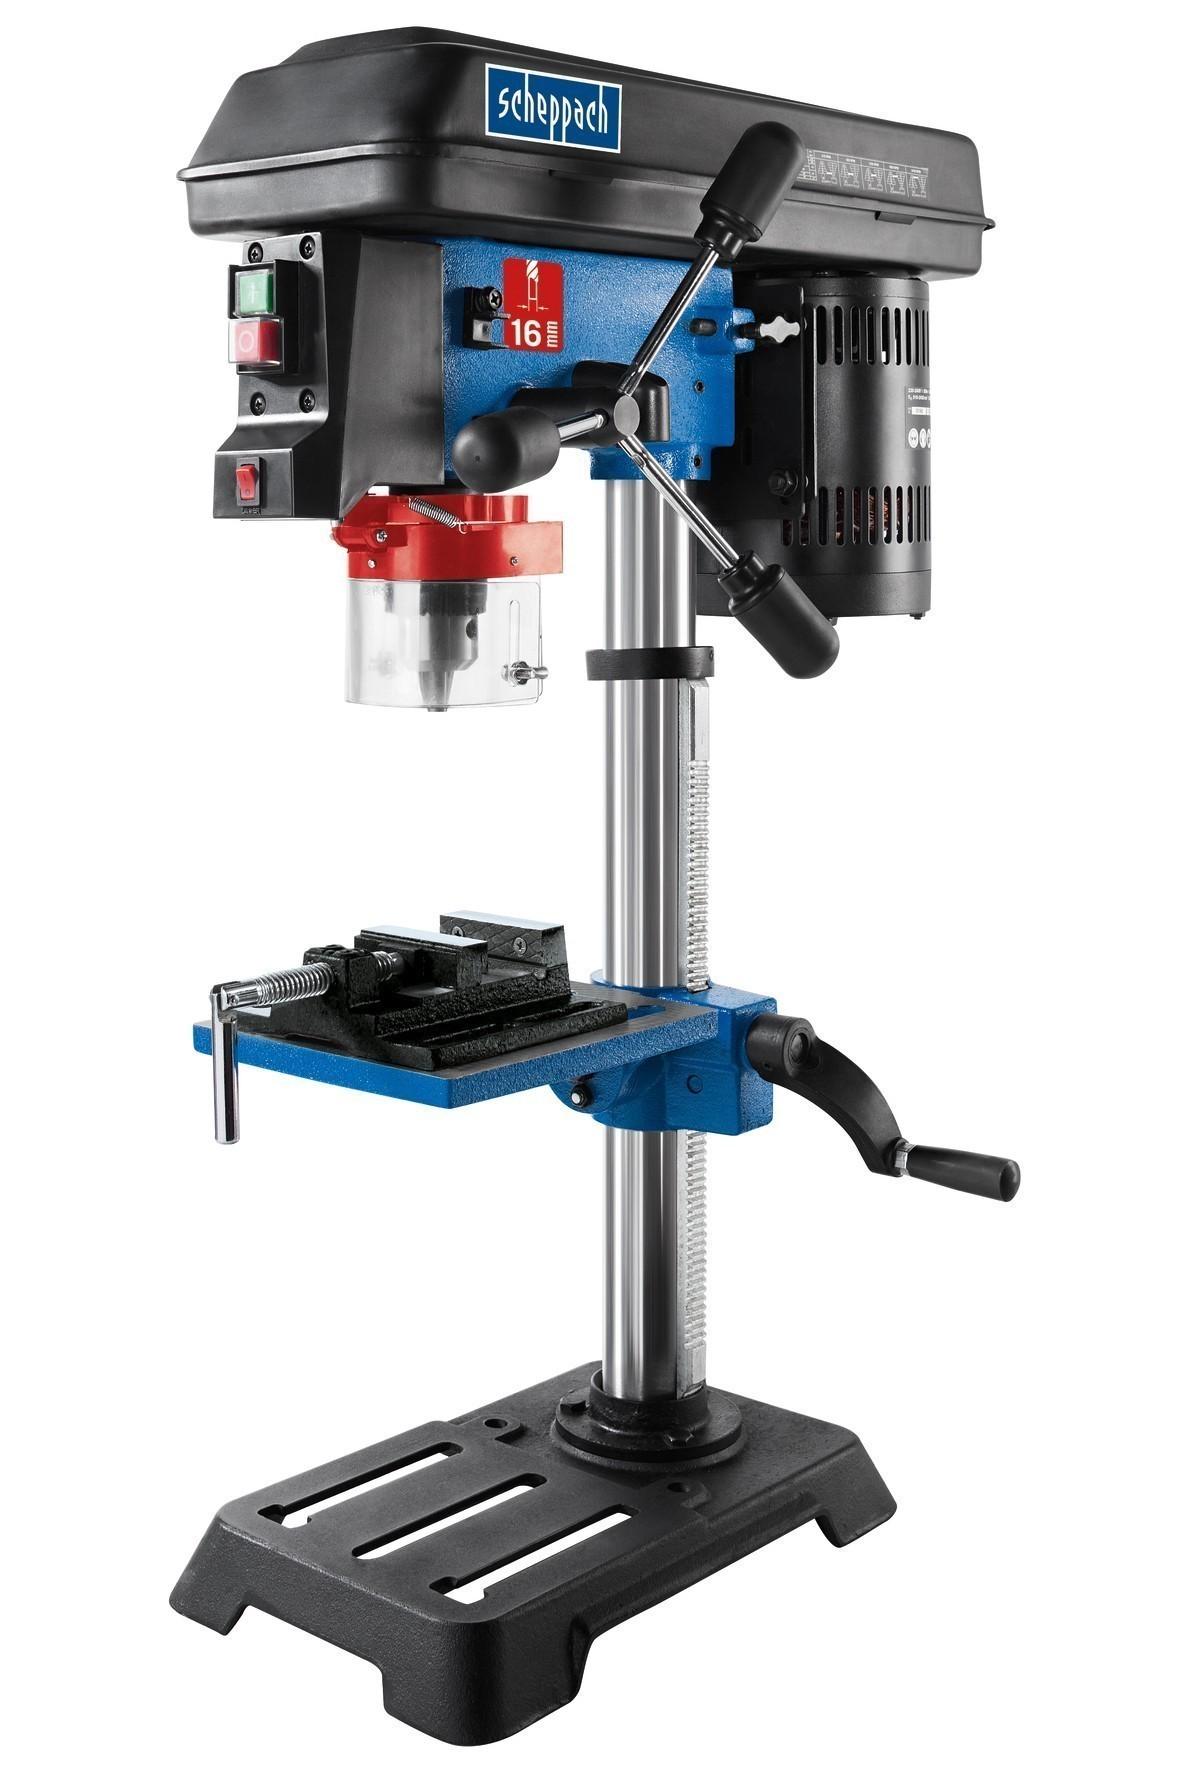 Scheppach Bohrmaschine / Tischbohrmaschine DP16SL 230V 550W Bild 1